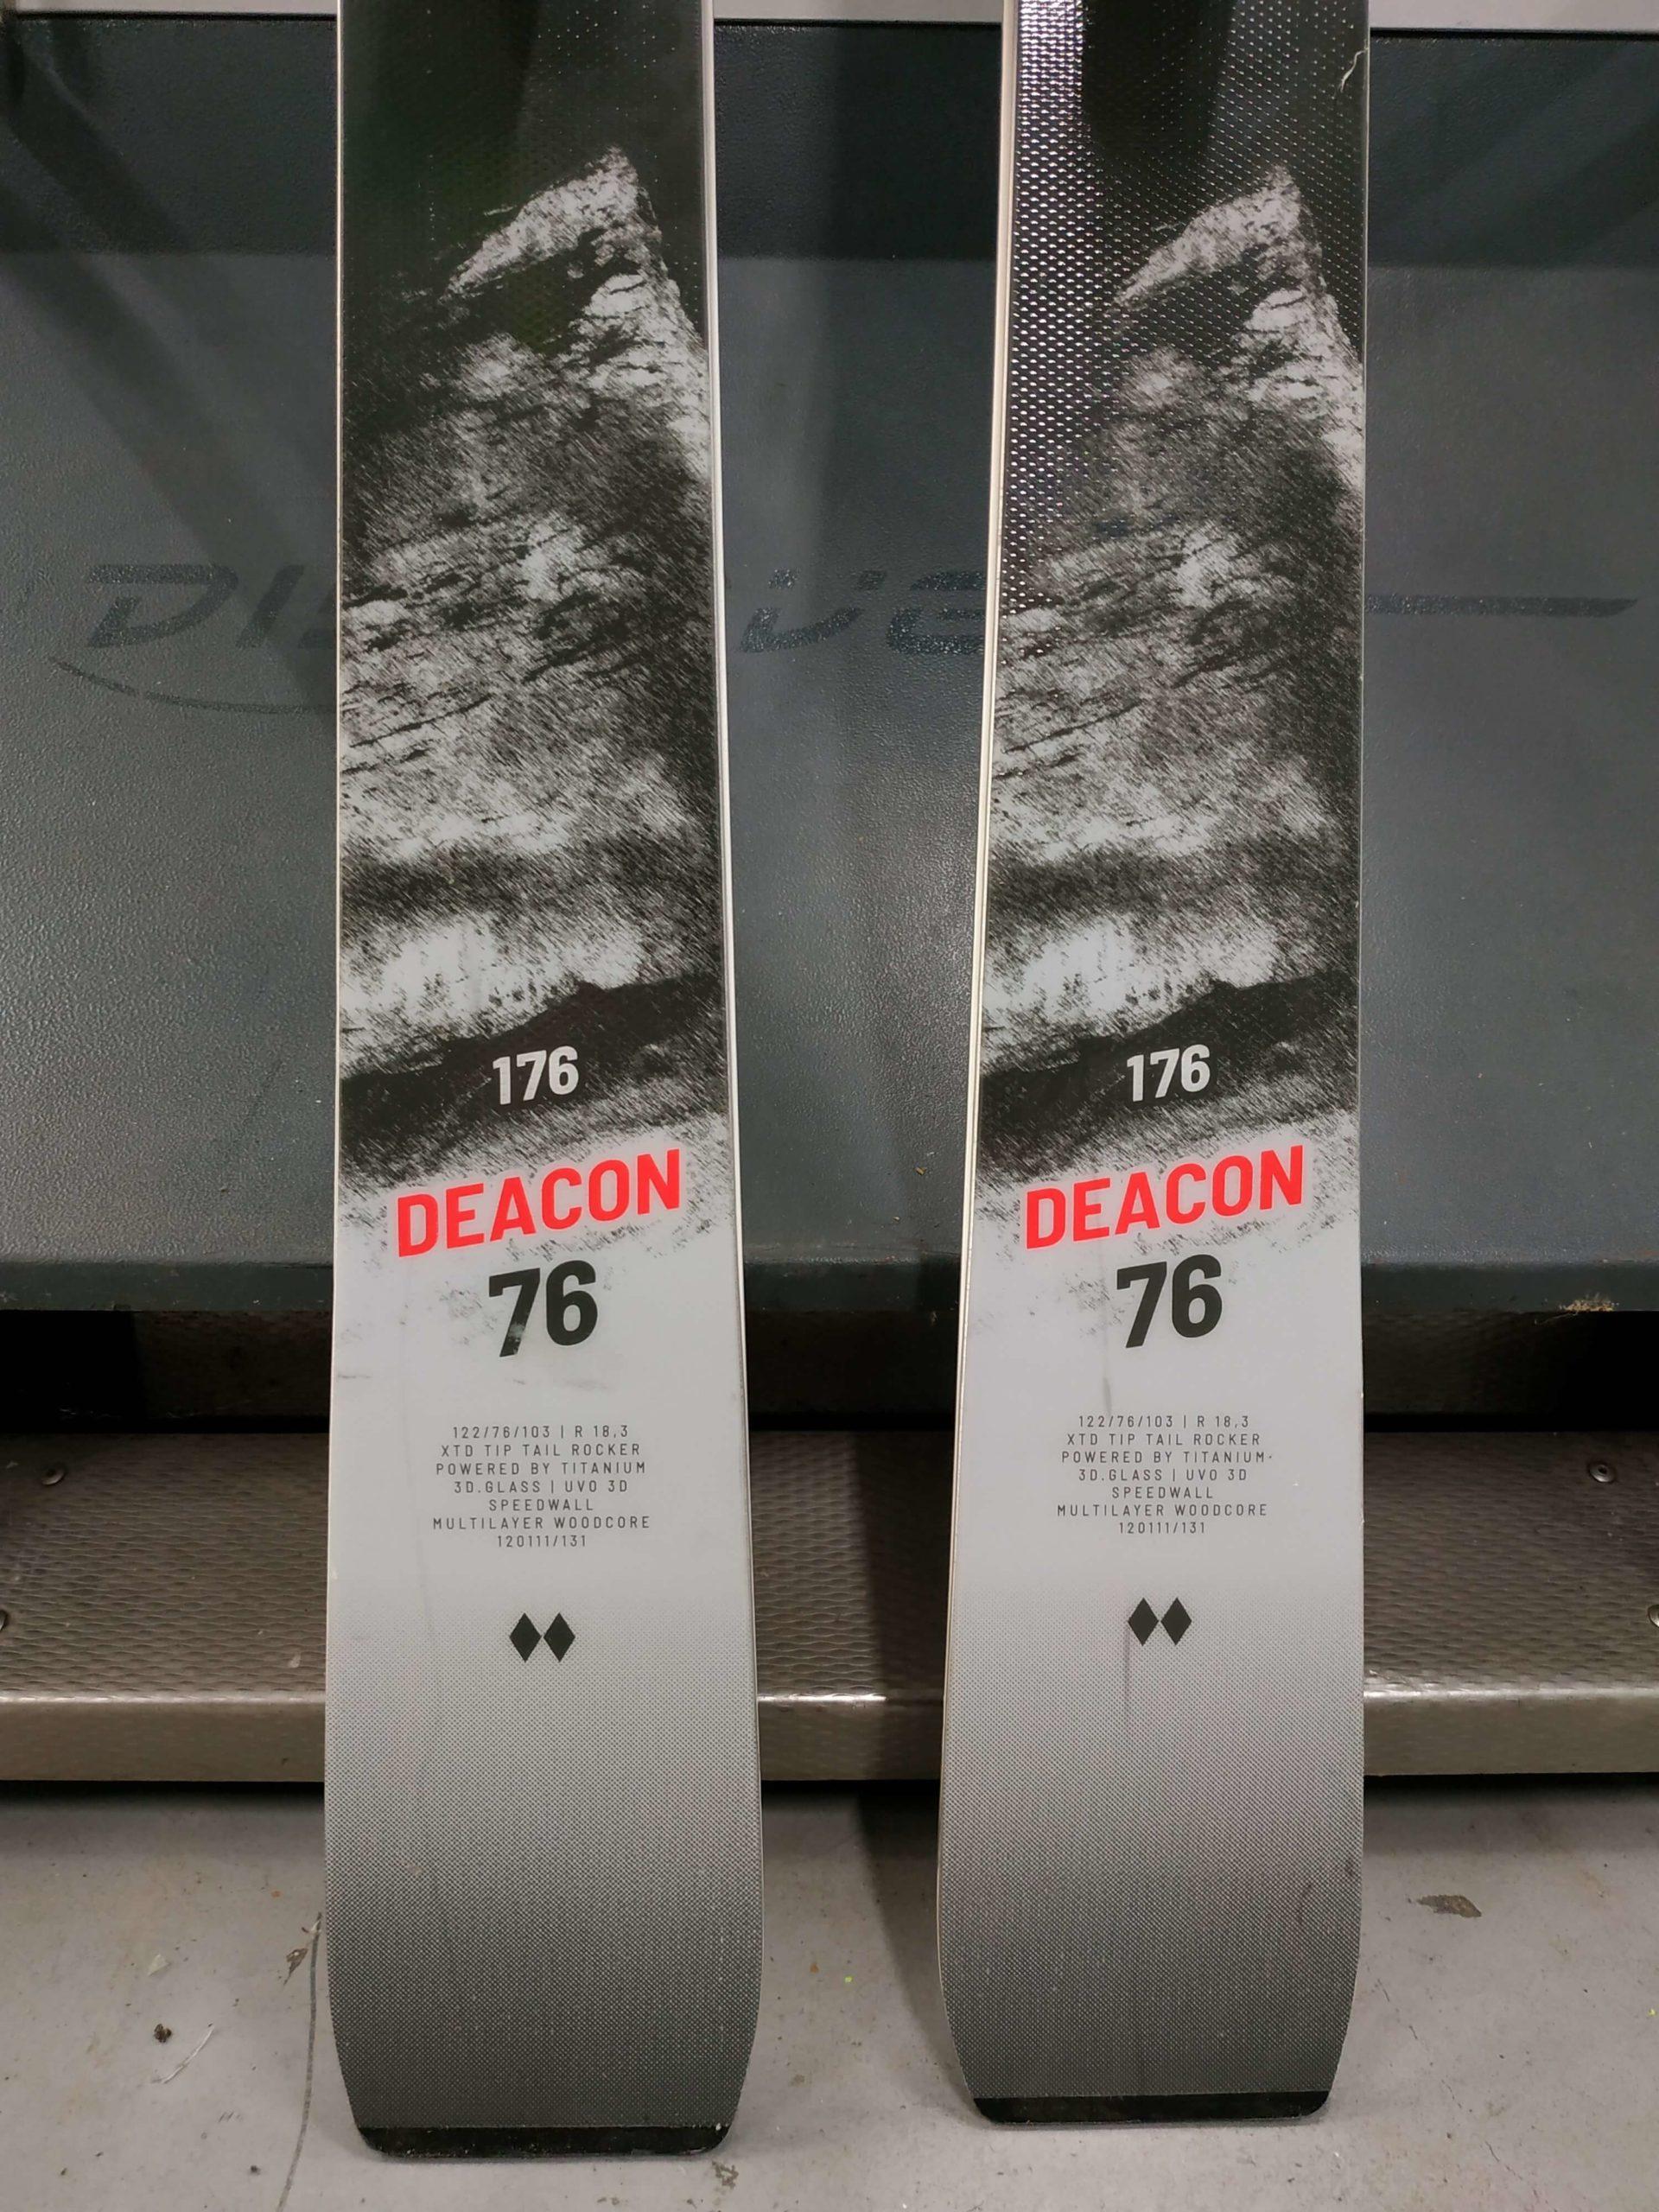 41. Volkl Deacon 76 UVO 176 R18.3 (4)